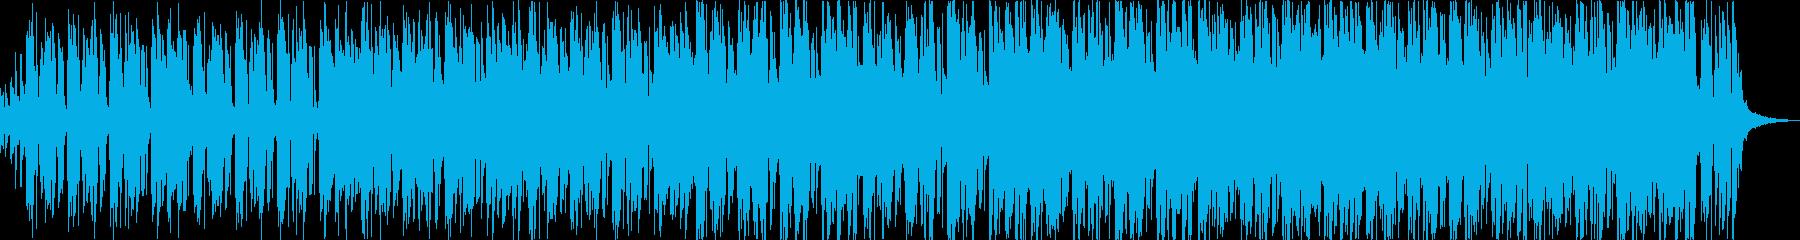 ブラス・スピード感のあるジャズファンクの再生済みの波形